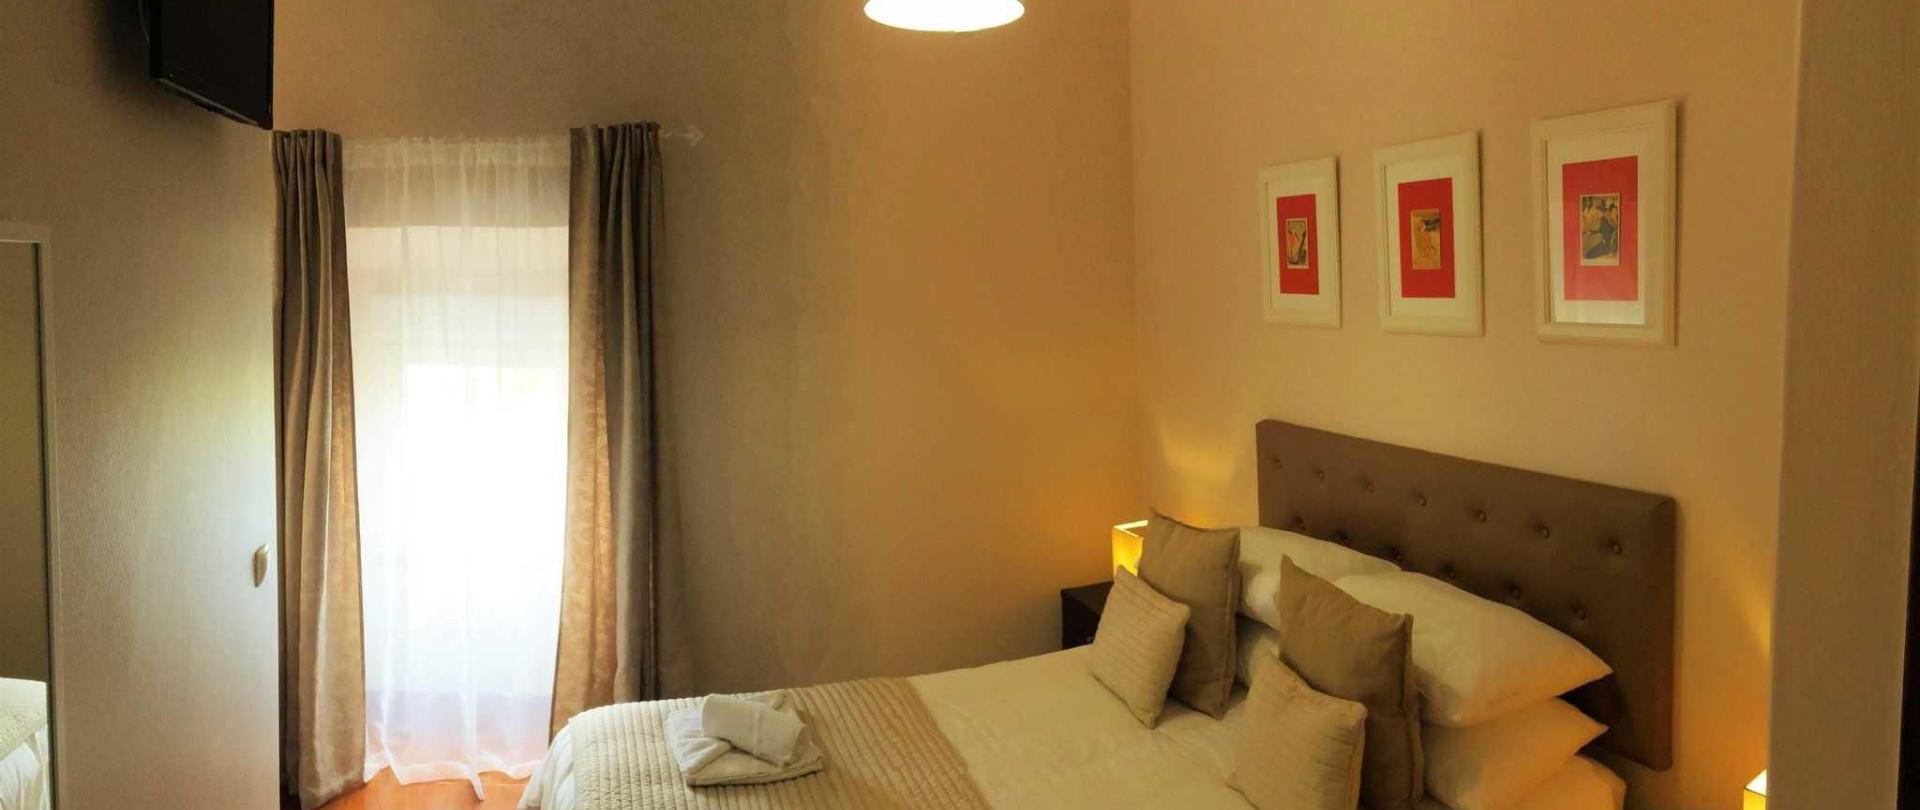 room4-e-1.jpg